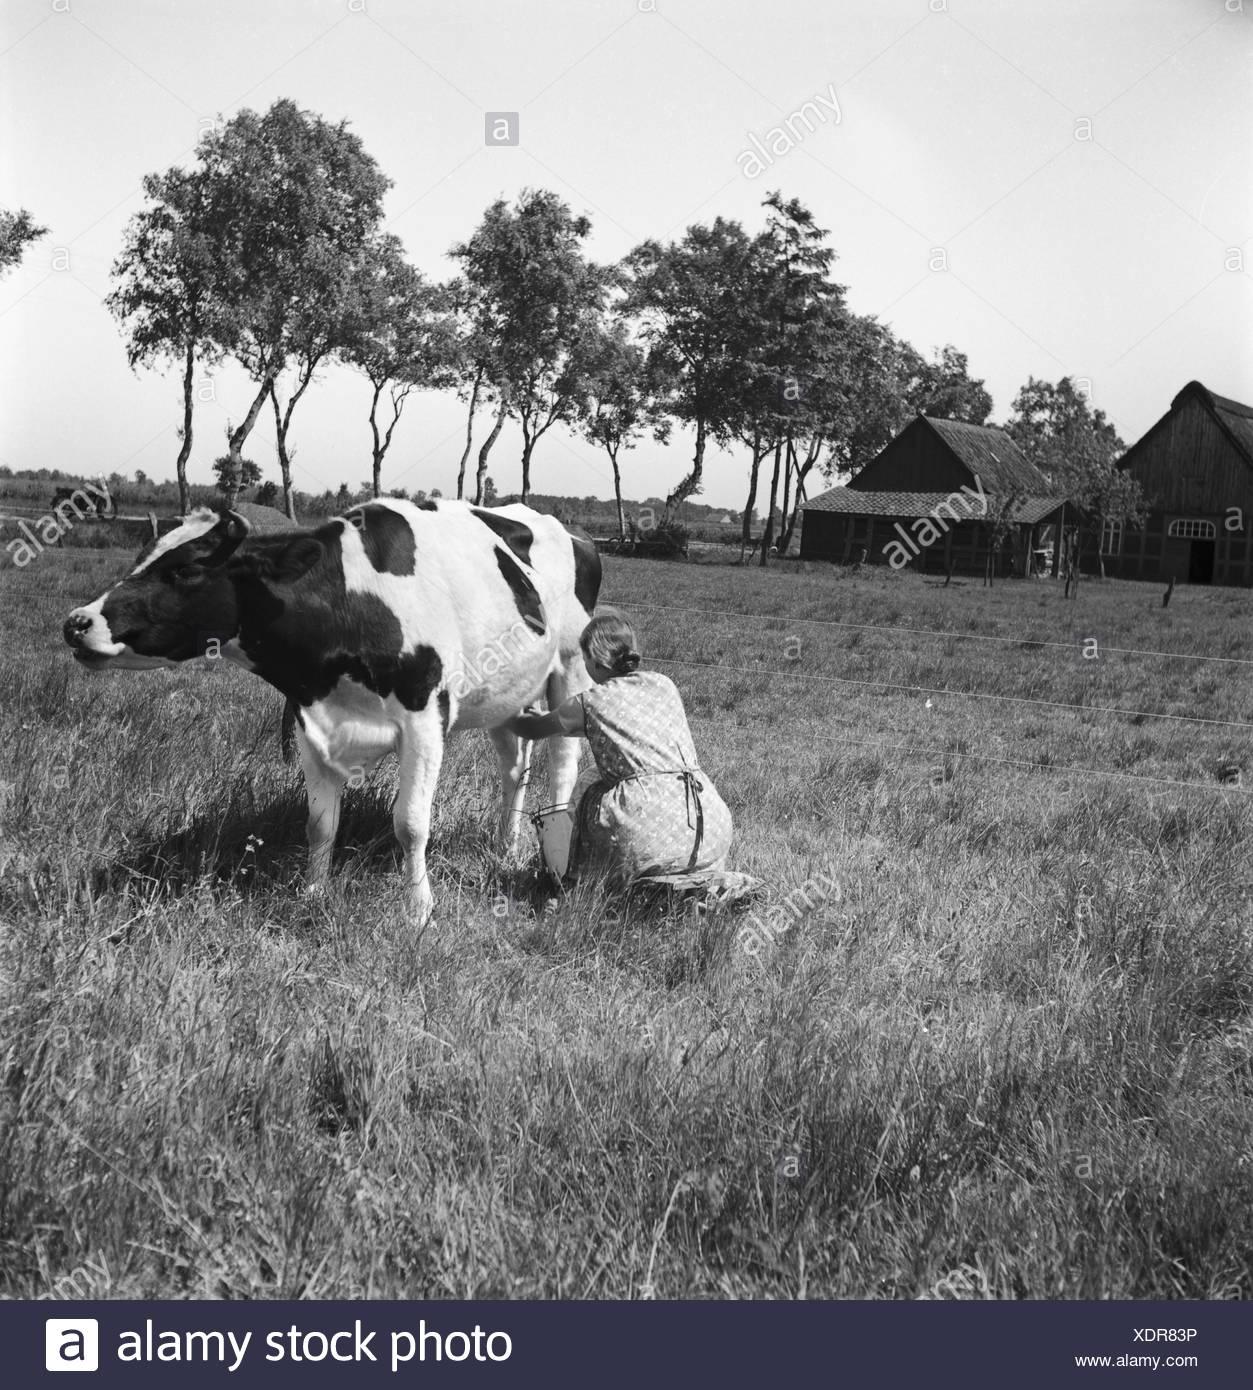 Ein Mdchen beim Melken der Khe im Umland von Bremen, Deutschland 1930er Jahre. A girl milking a cow at the rural surroundings of Bremen, Germany 1930s. Stock Photo